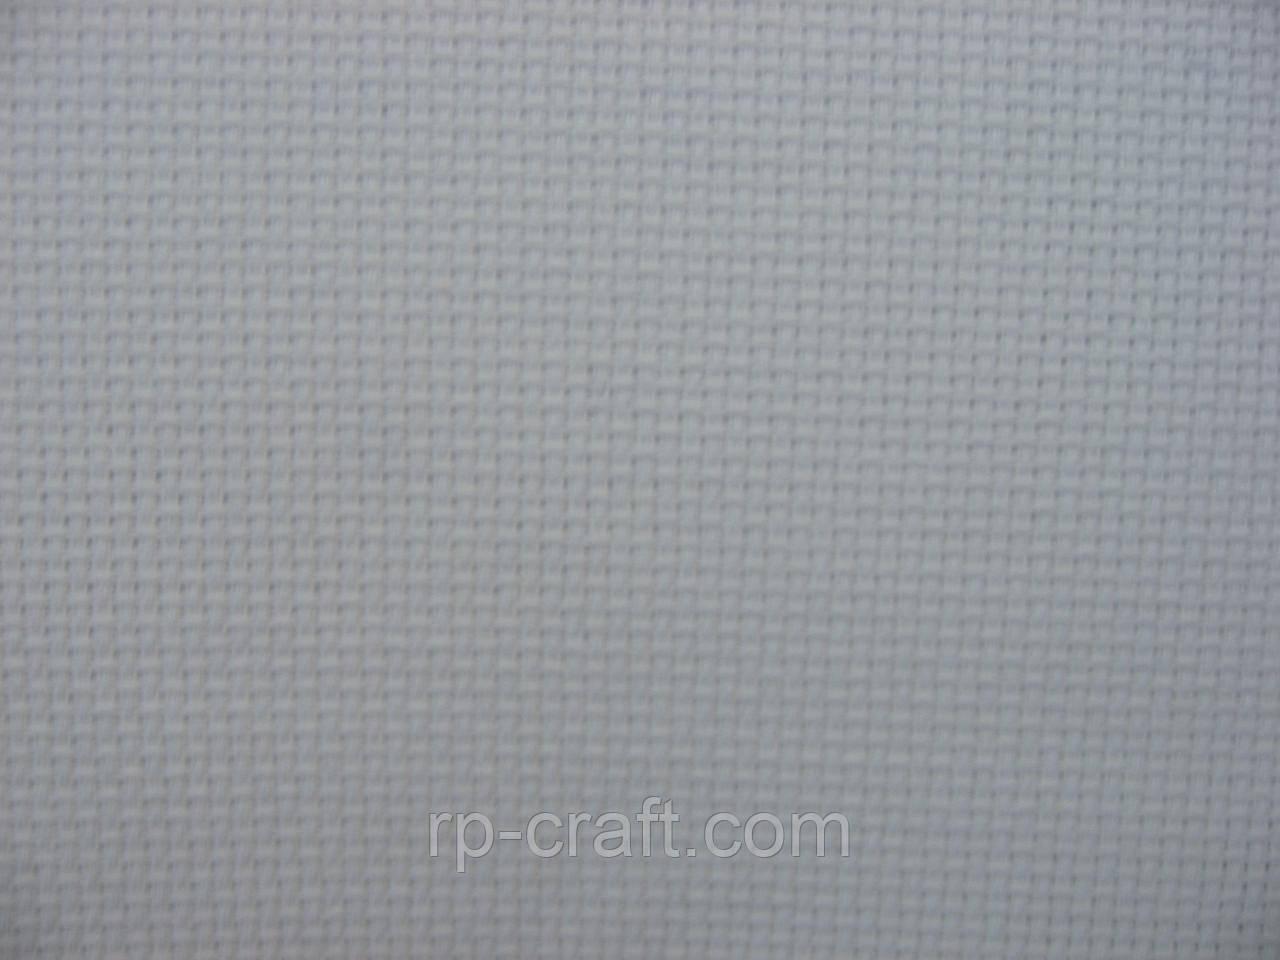 Отрез ткани для вышивки. Аида 16, белая, 28х64 см